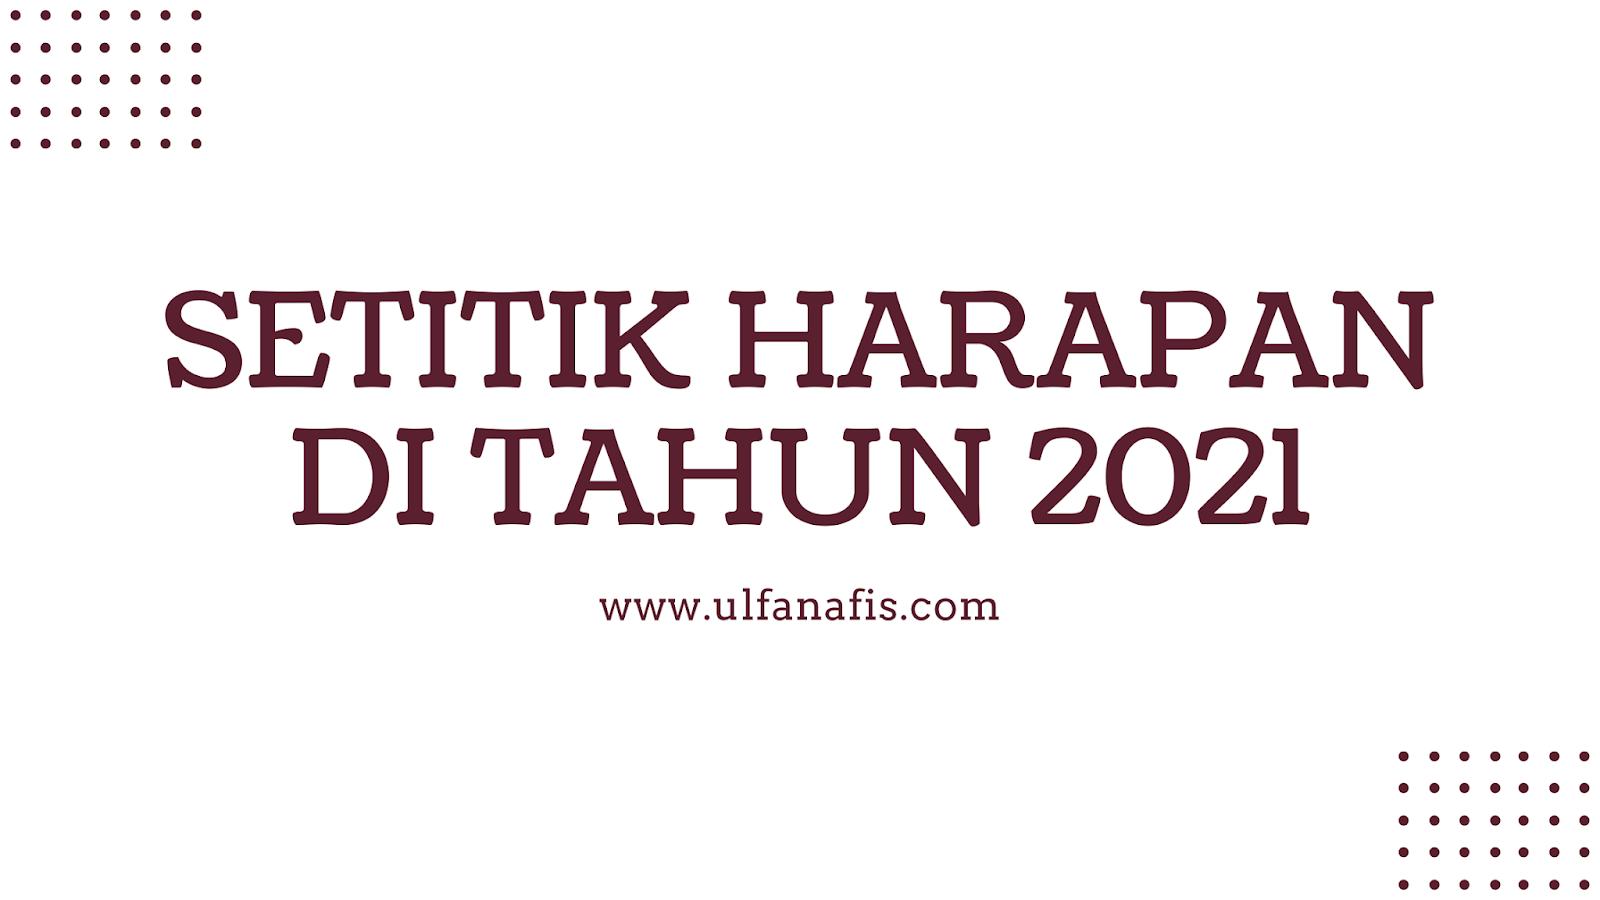 setitik harapan di tahun 2021